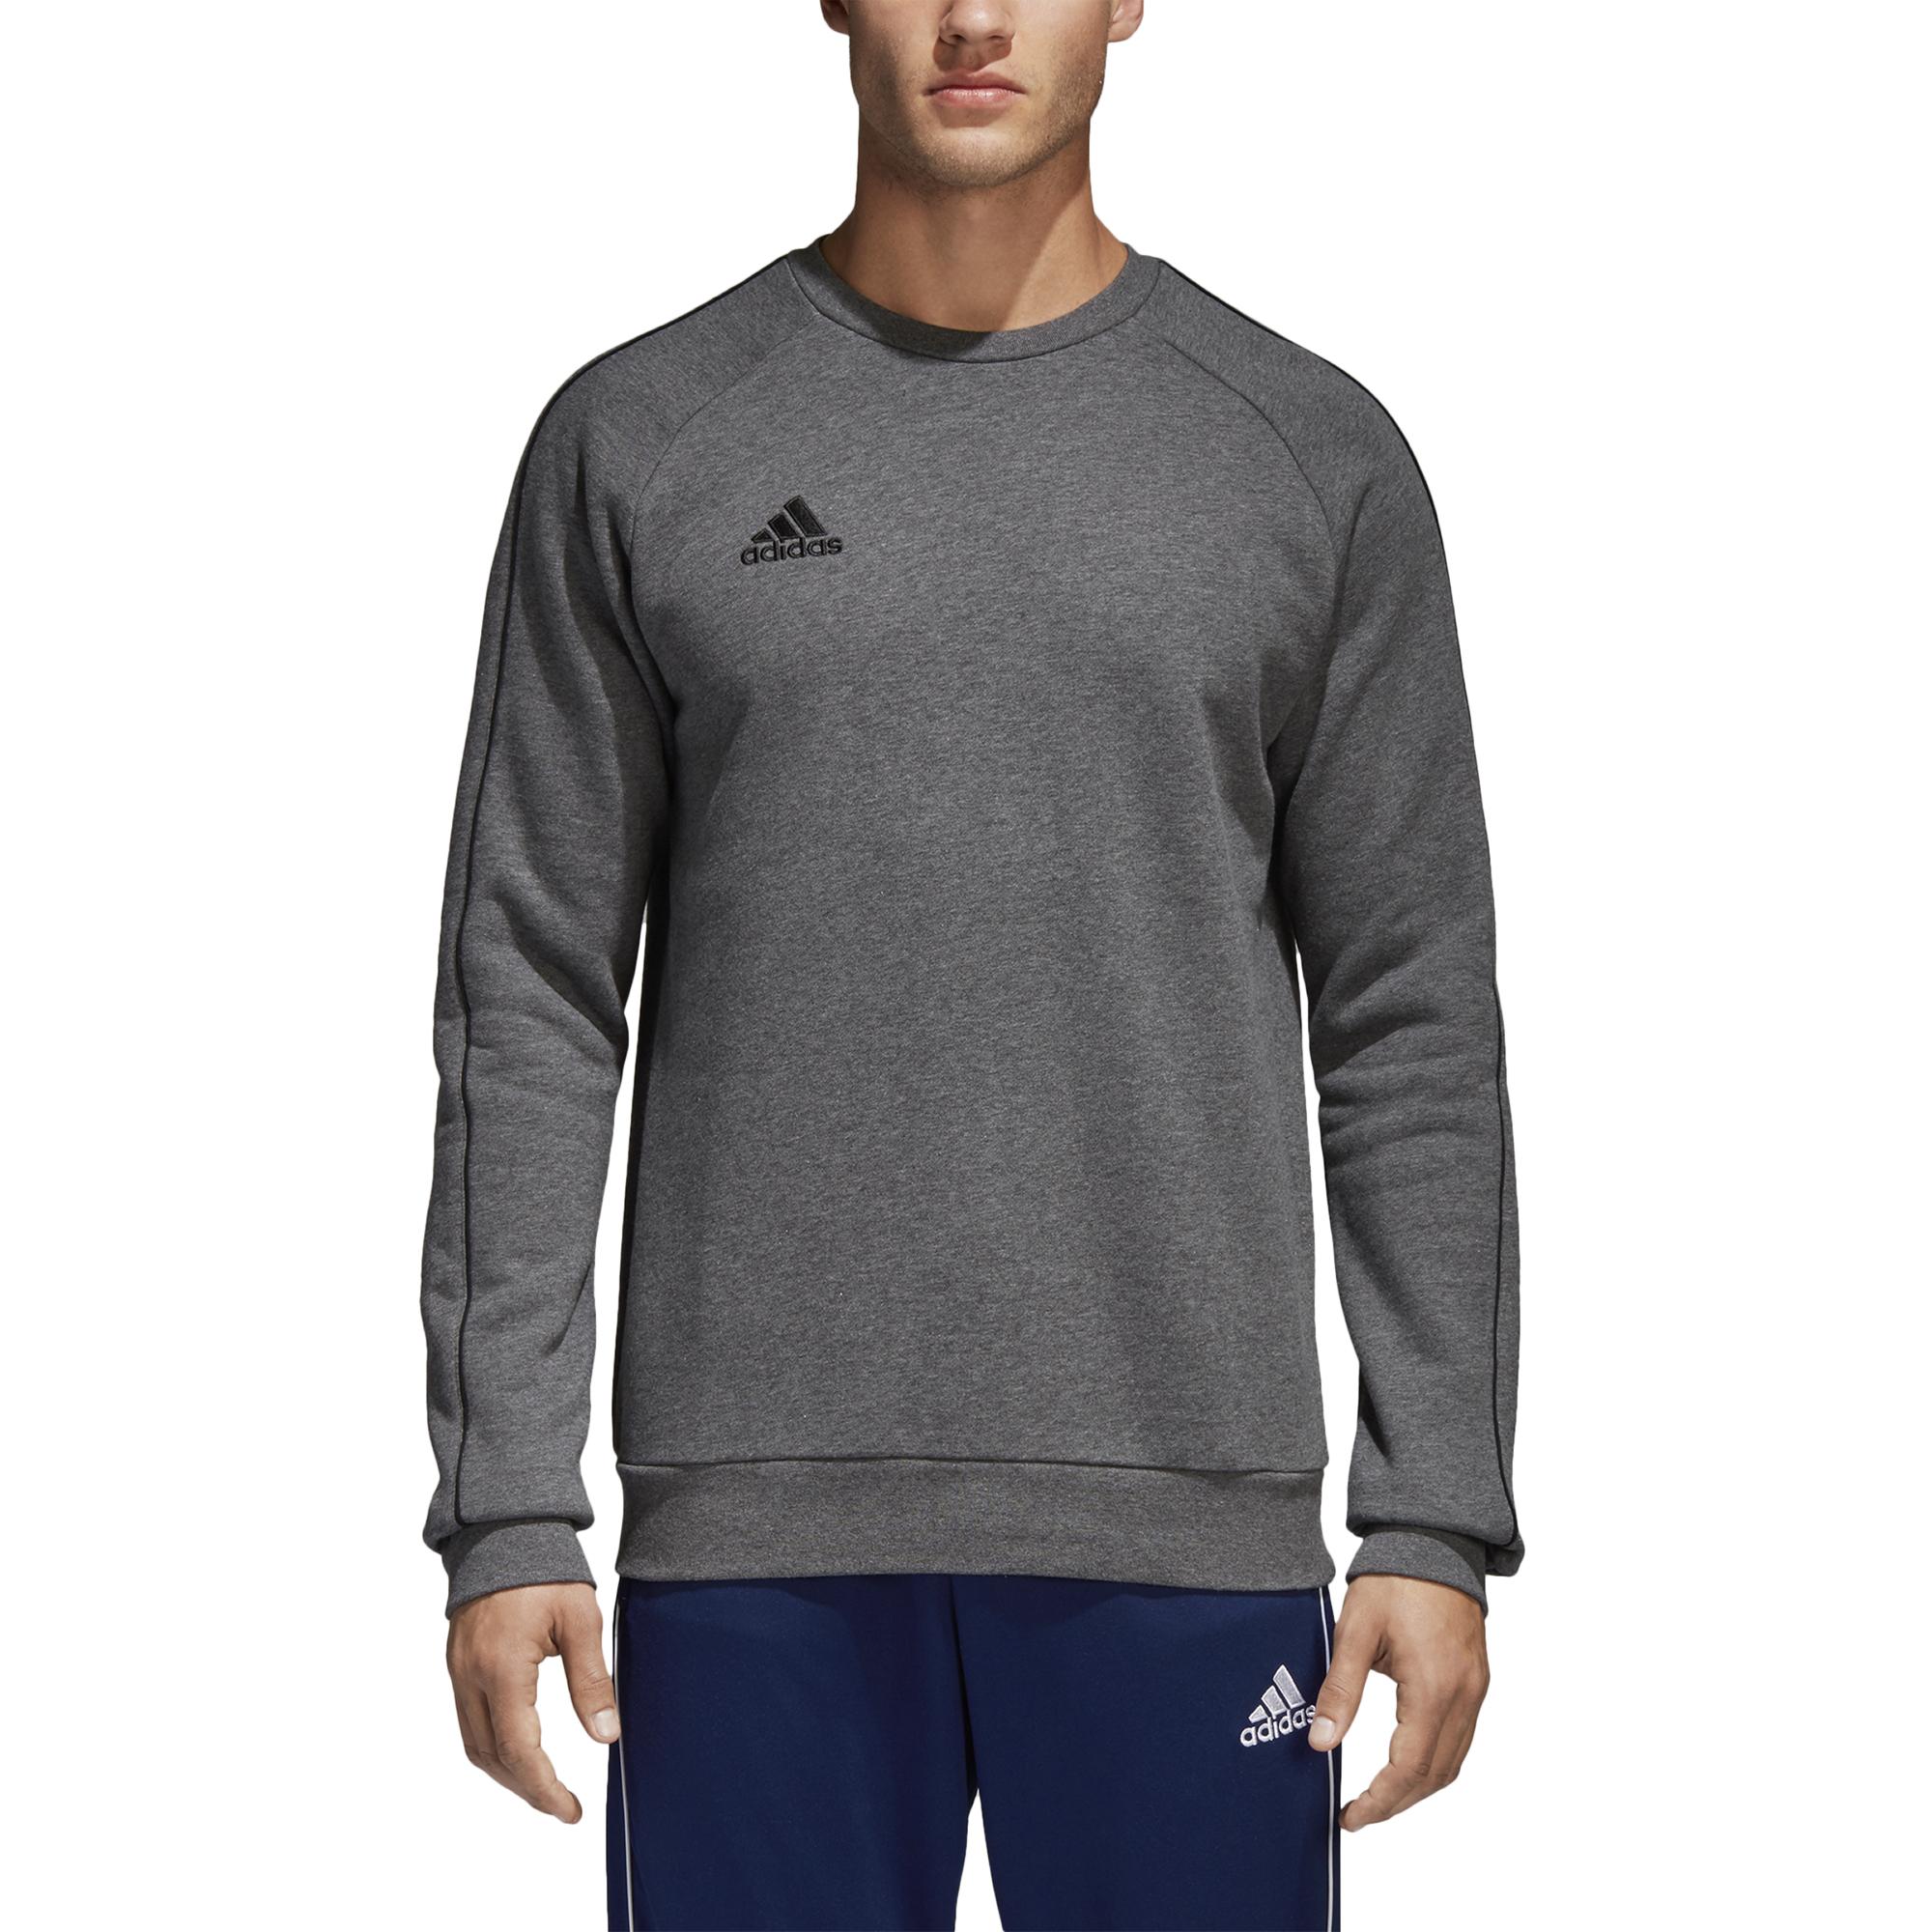 37057fcef153f adidas bluzy męskie ceneo